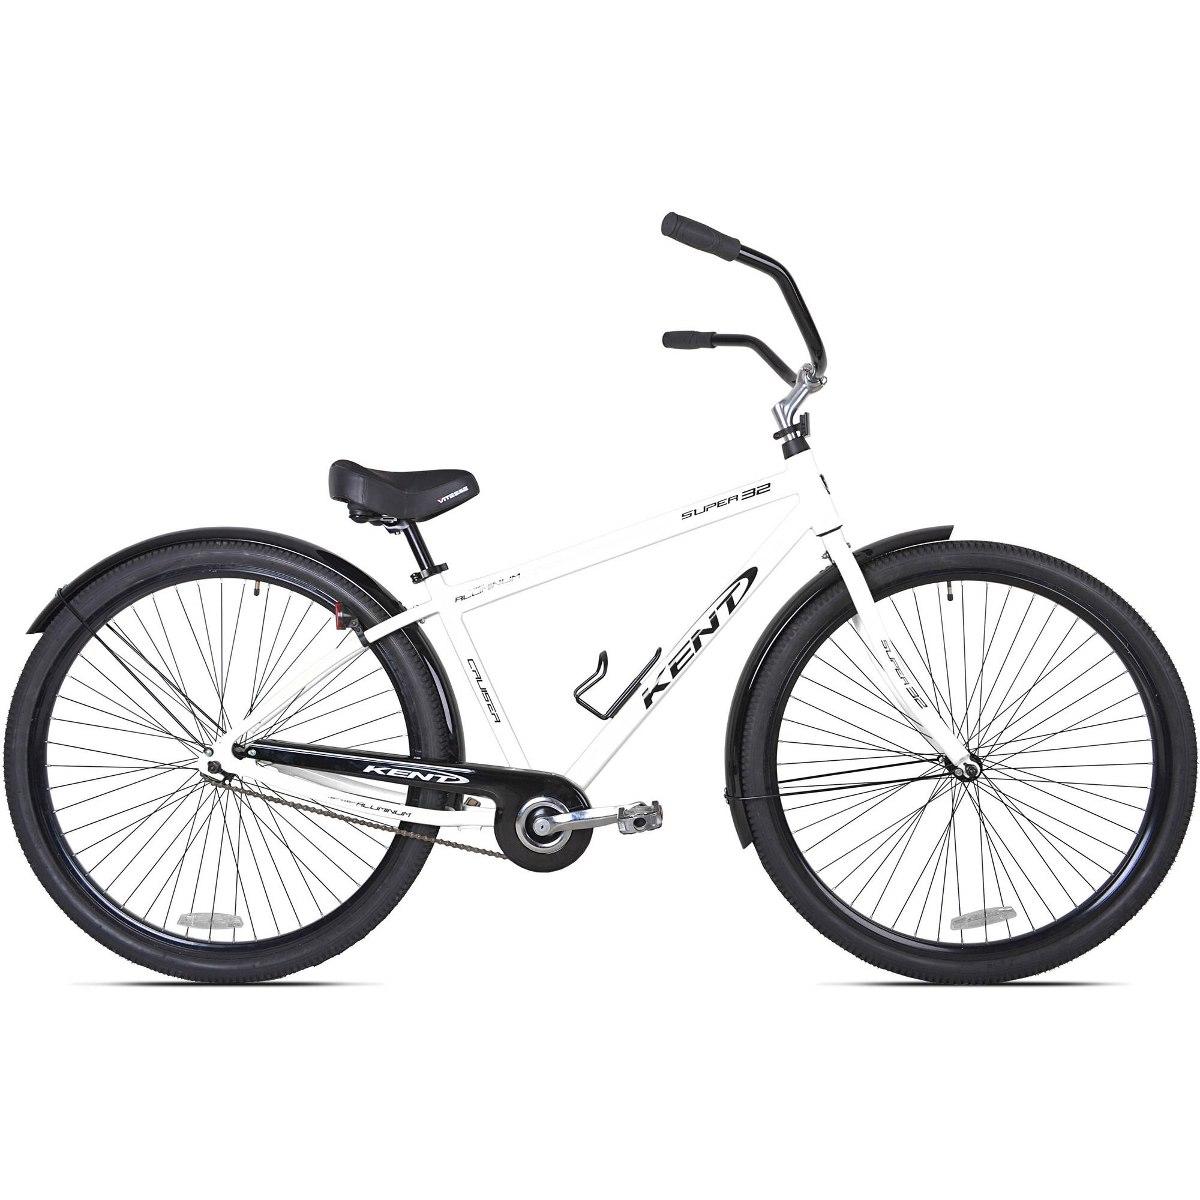 32 Bici Del Crucero De Playa Unisex Kent Super 32, Blanco - $ 1.209 ...